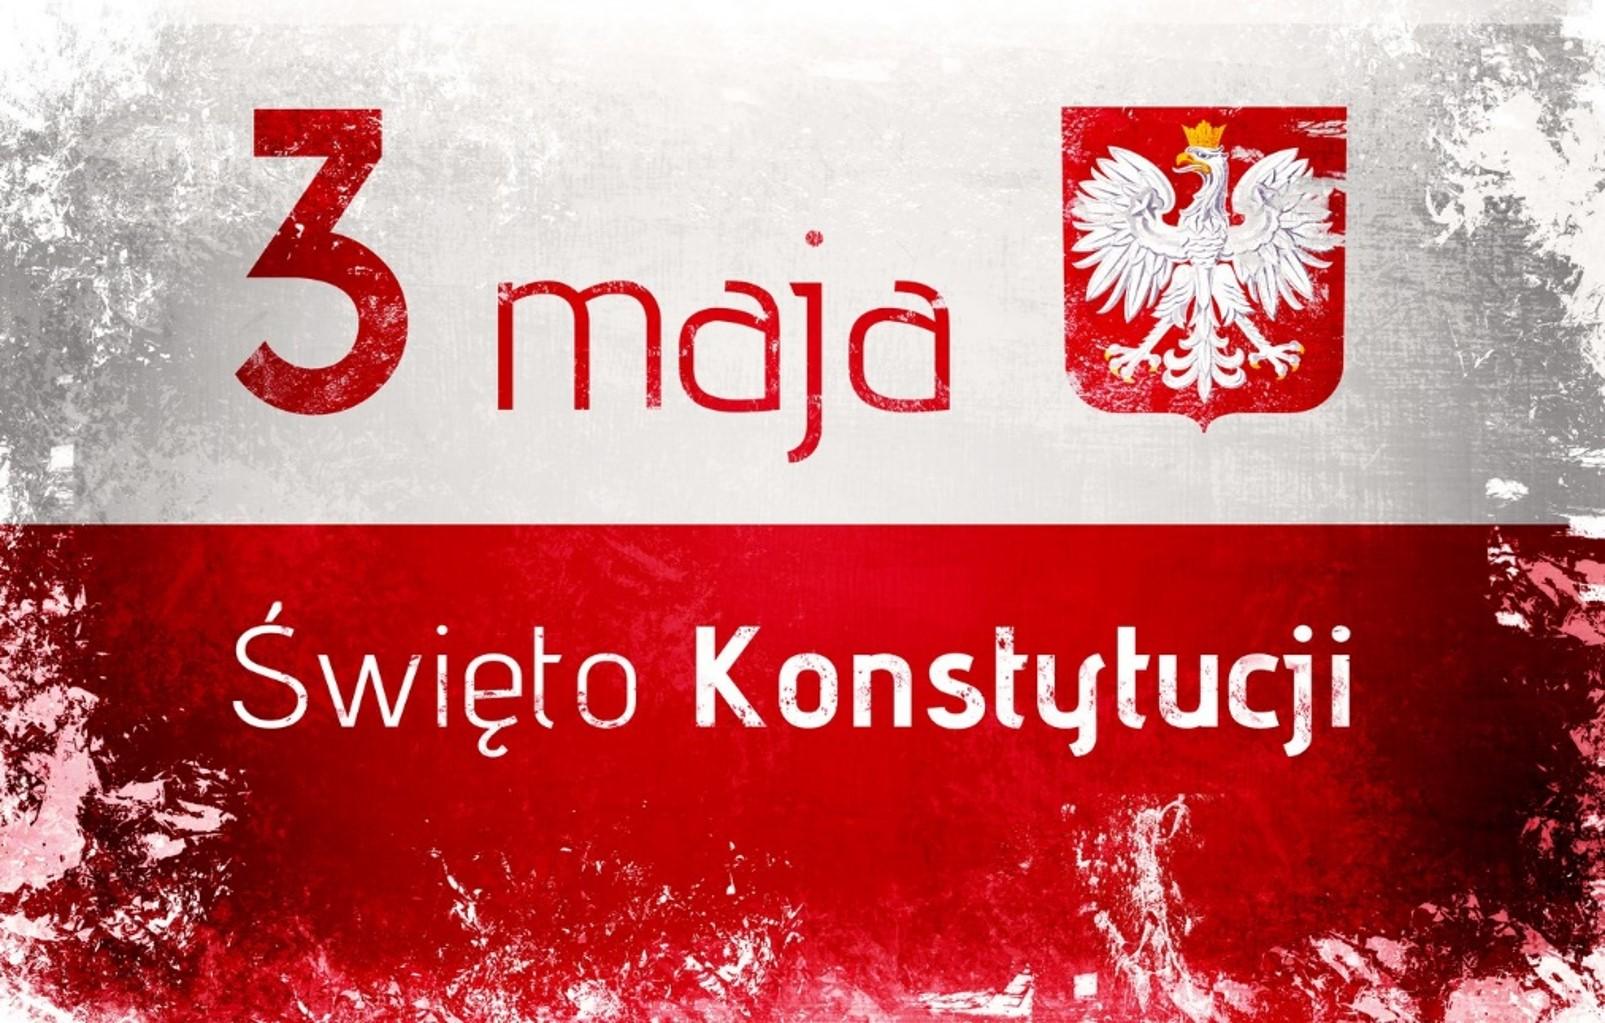 3 Maja Święto Konstytucji